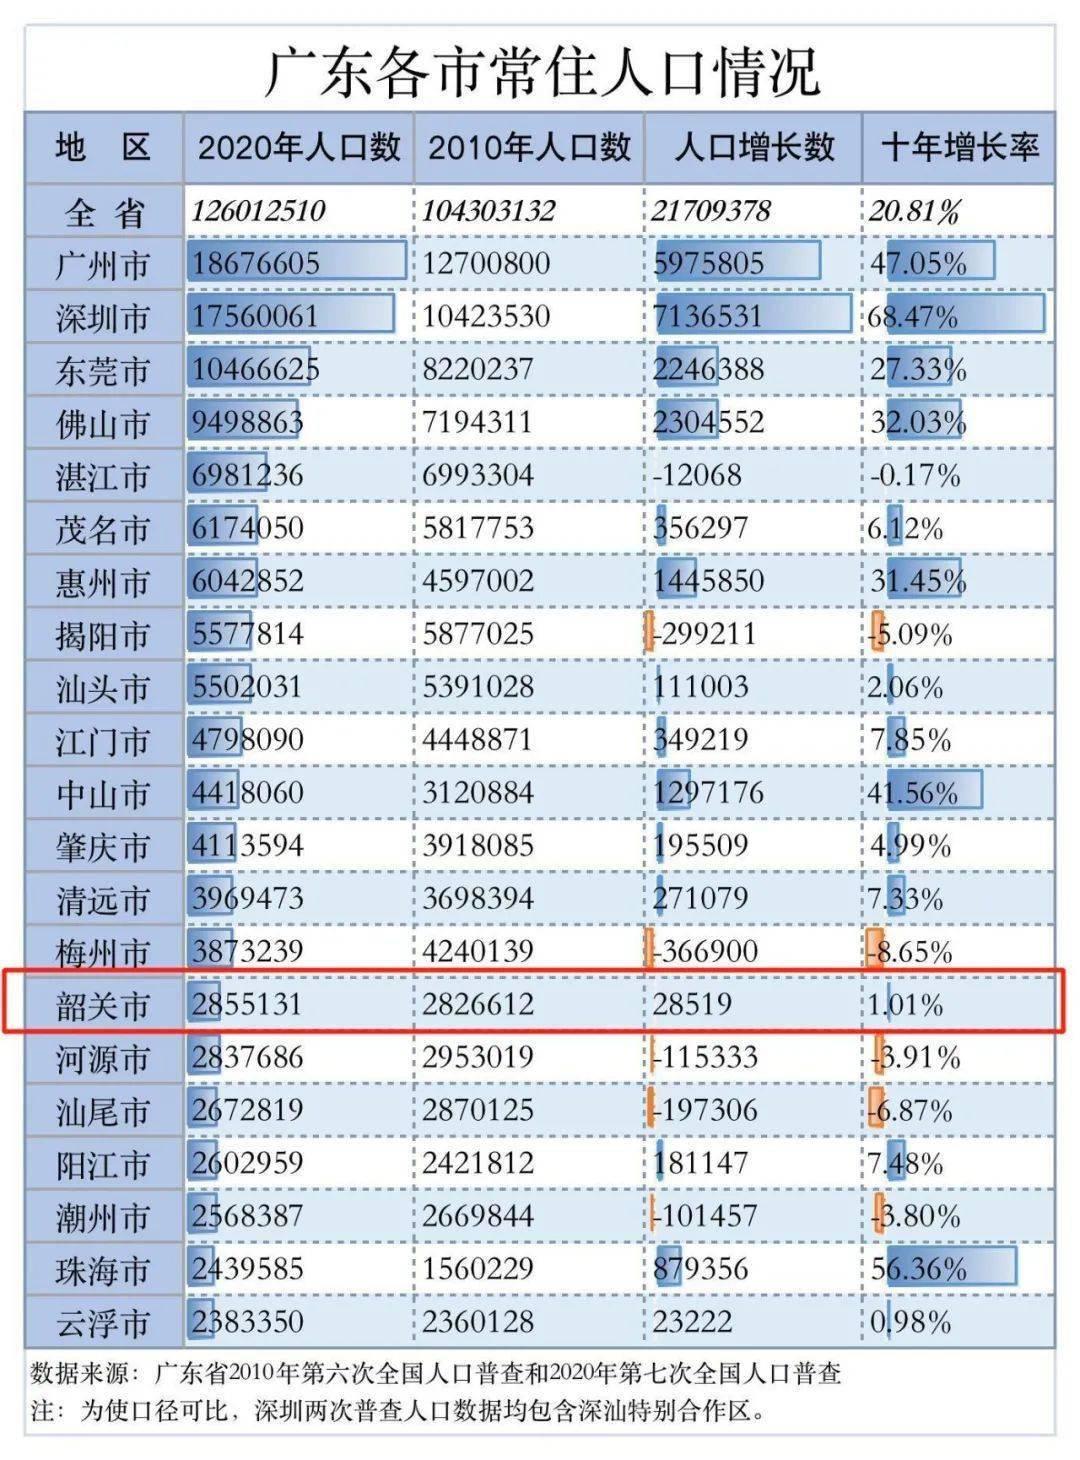 广东省常住人口_再不要说河南省人口最多,中国只有两省常住人口过亿:广东、